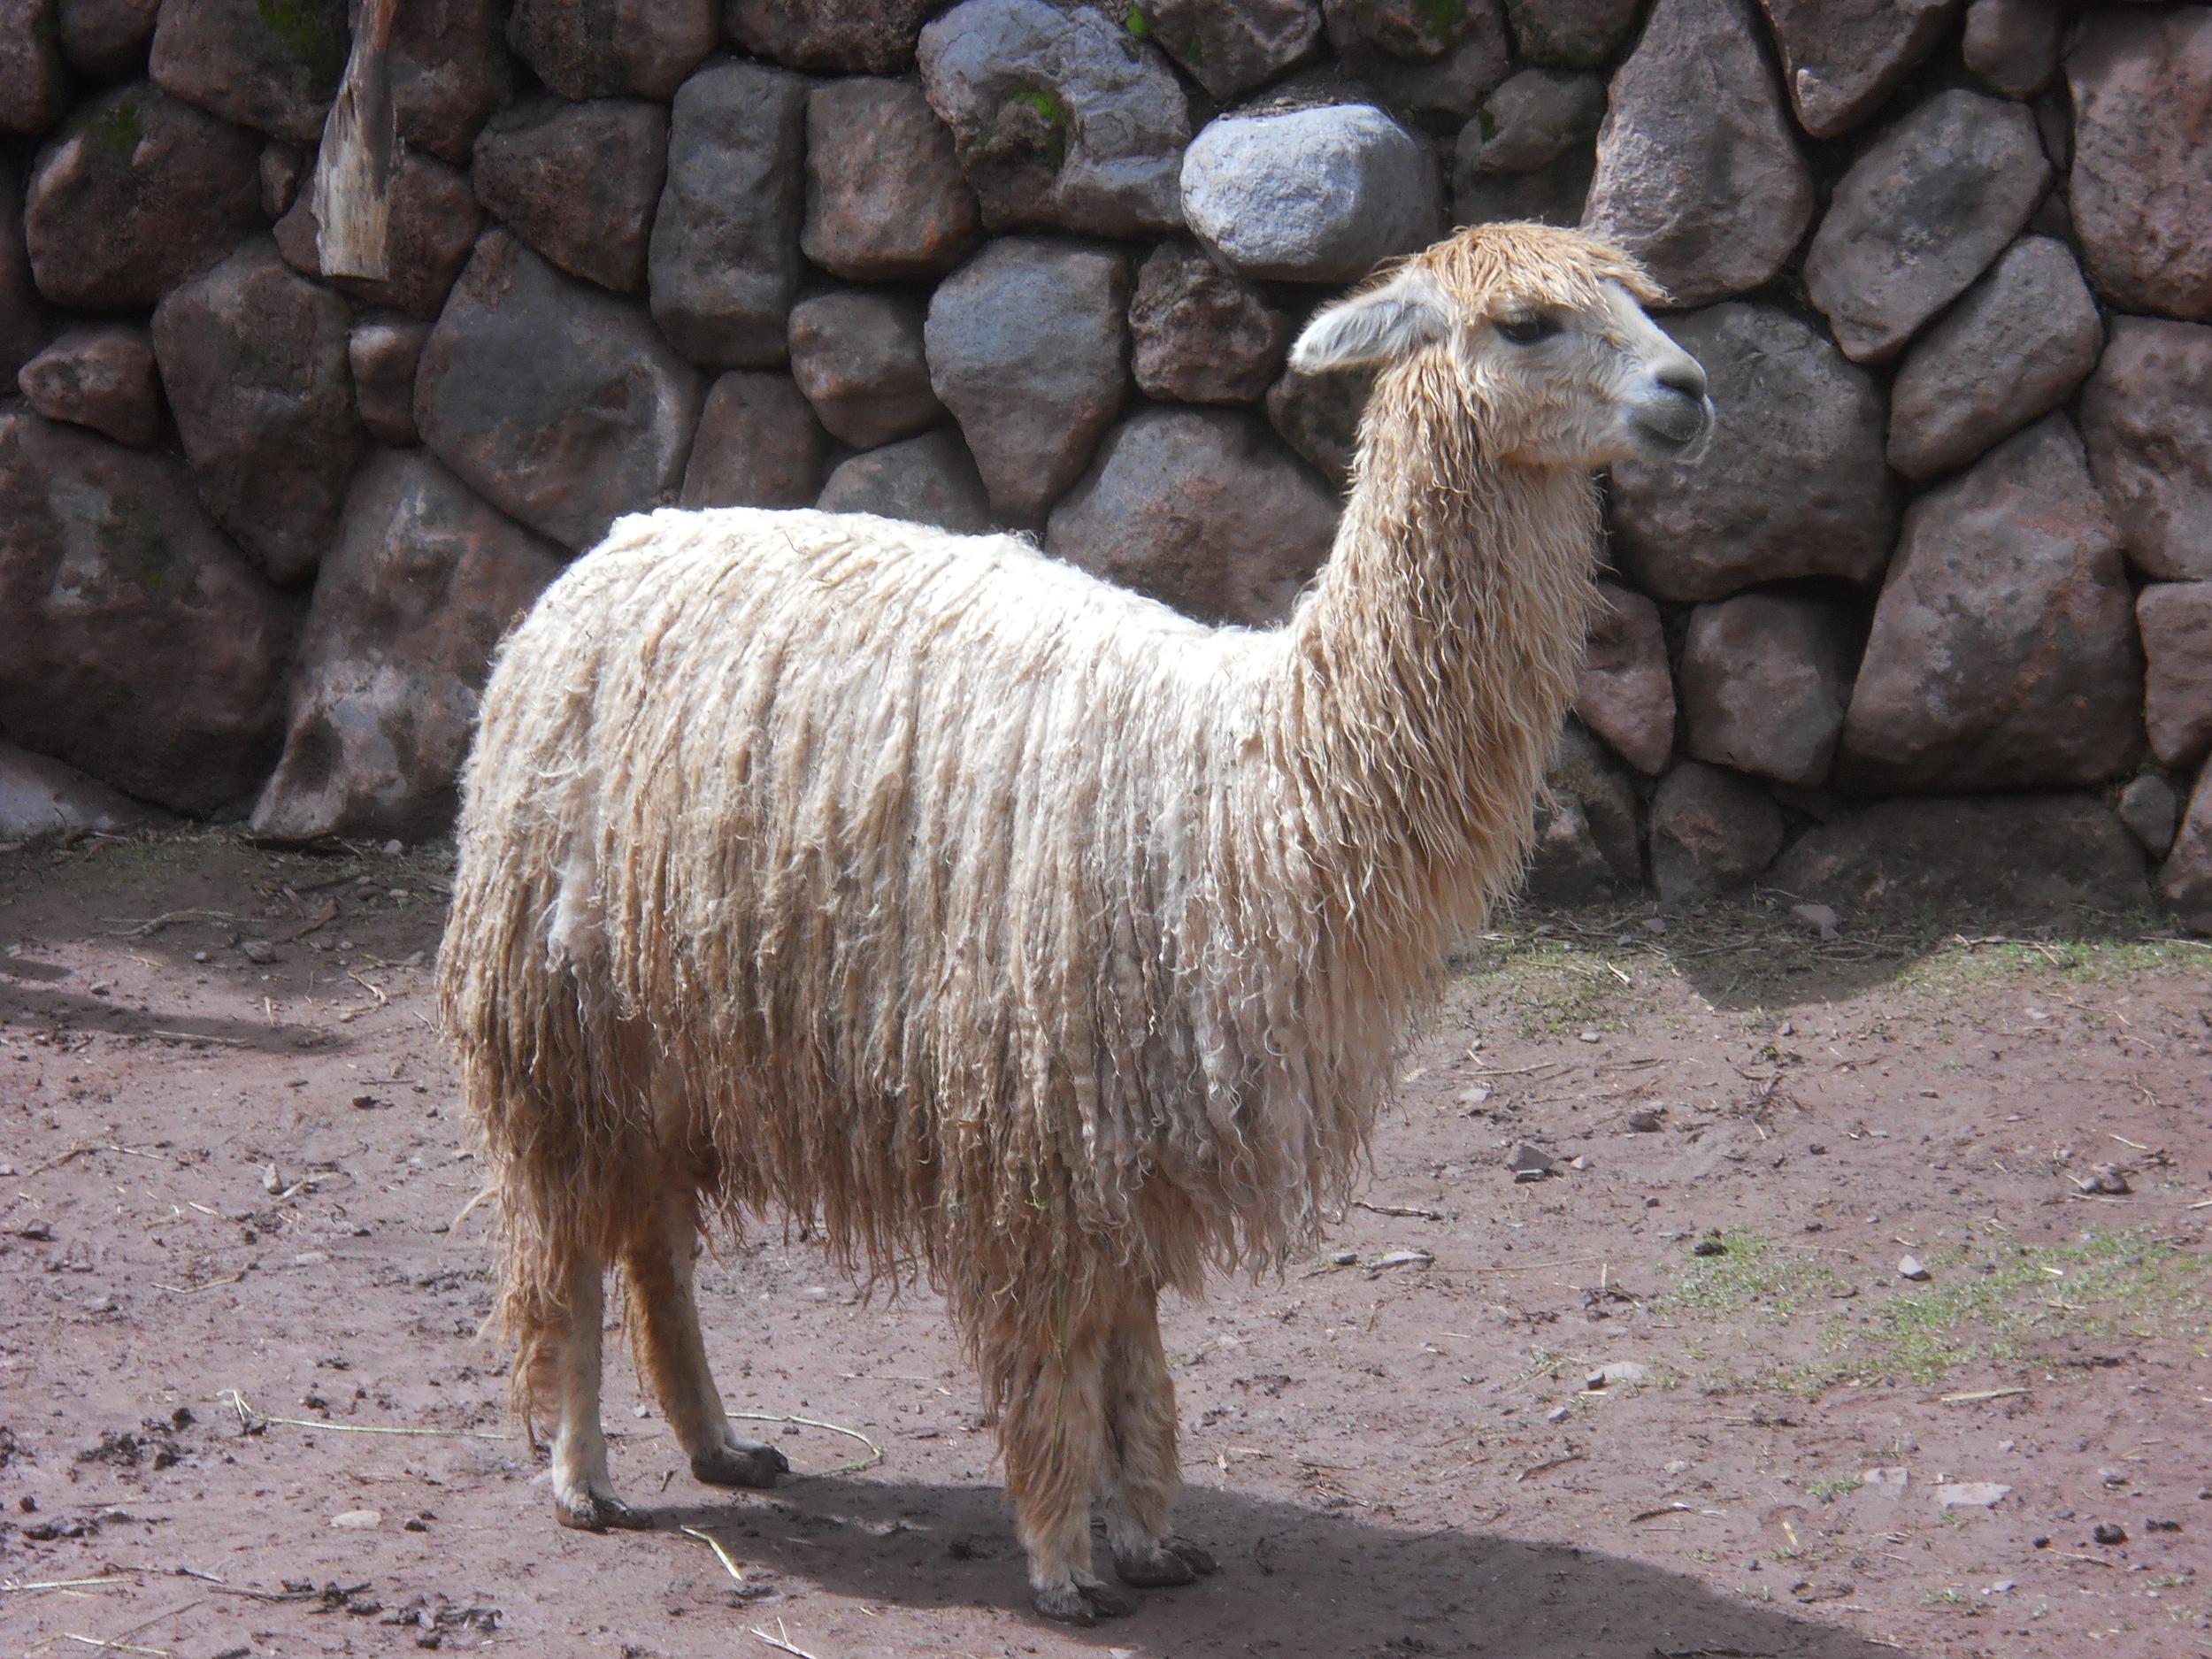 En las alpacas, las fibras más valiosas se obtienen cuando el camélido tiene de tres a seis años de edad. Foto: Fernando J. Rojas